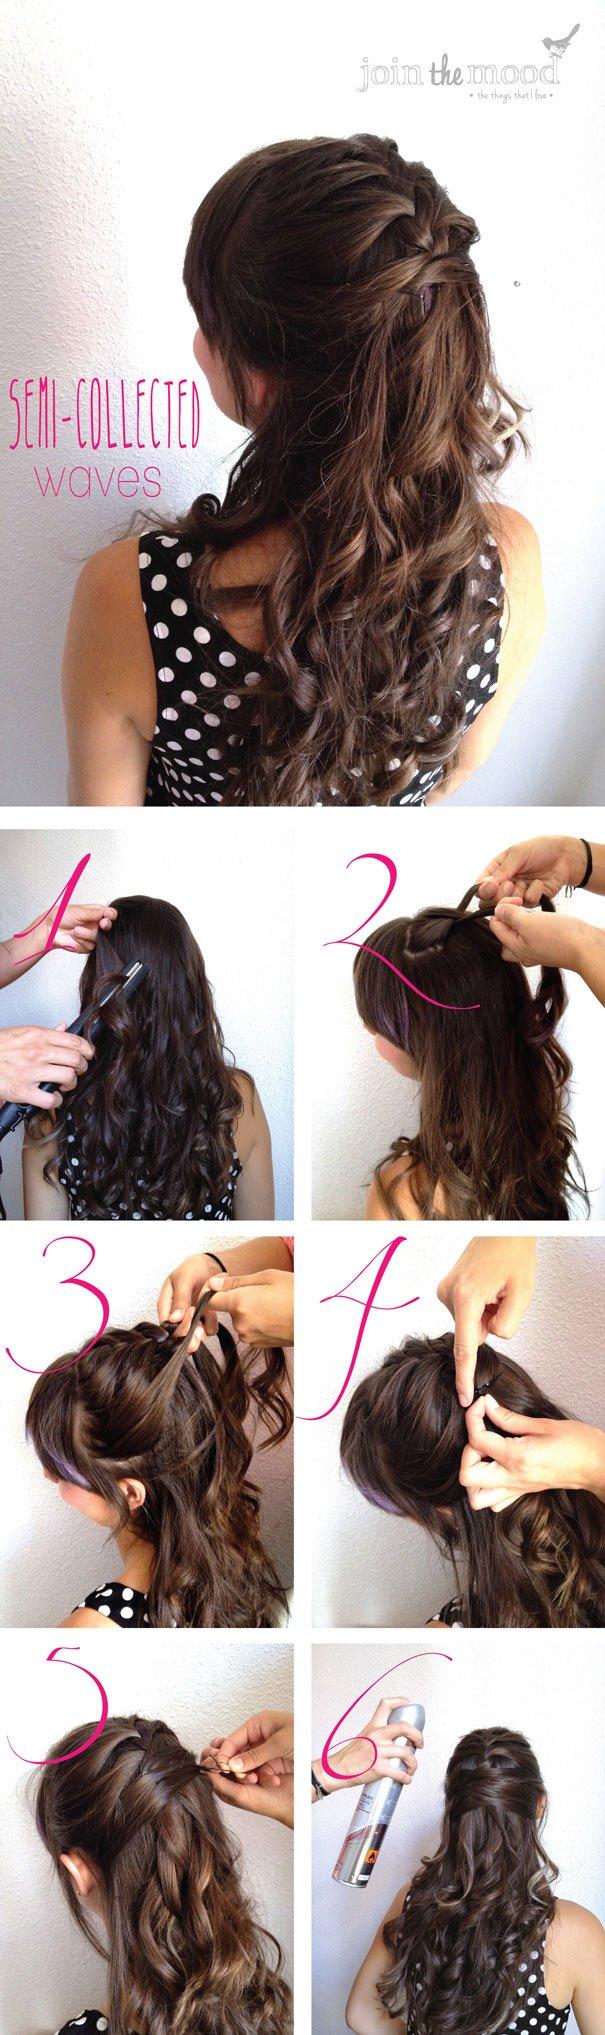 12 Half-up Half-down Haarzelfstudies die u moet hebben